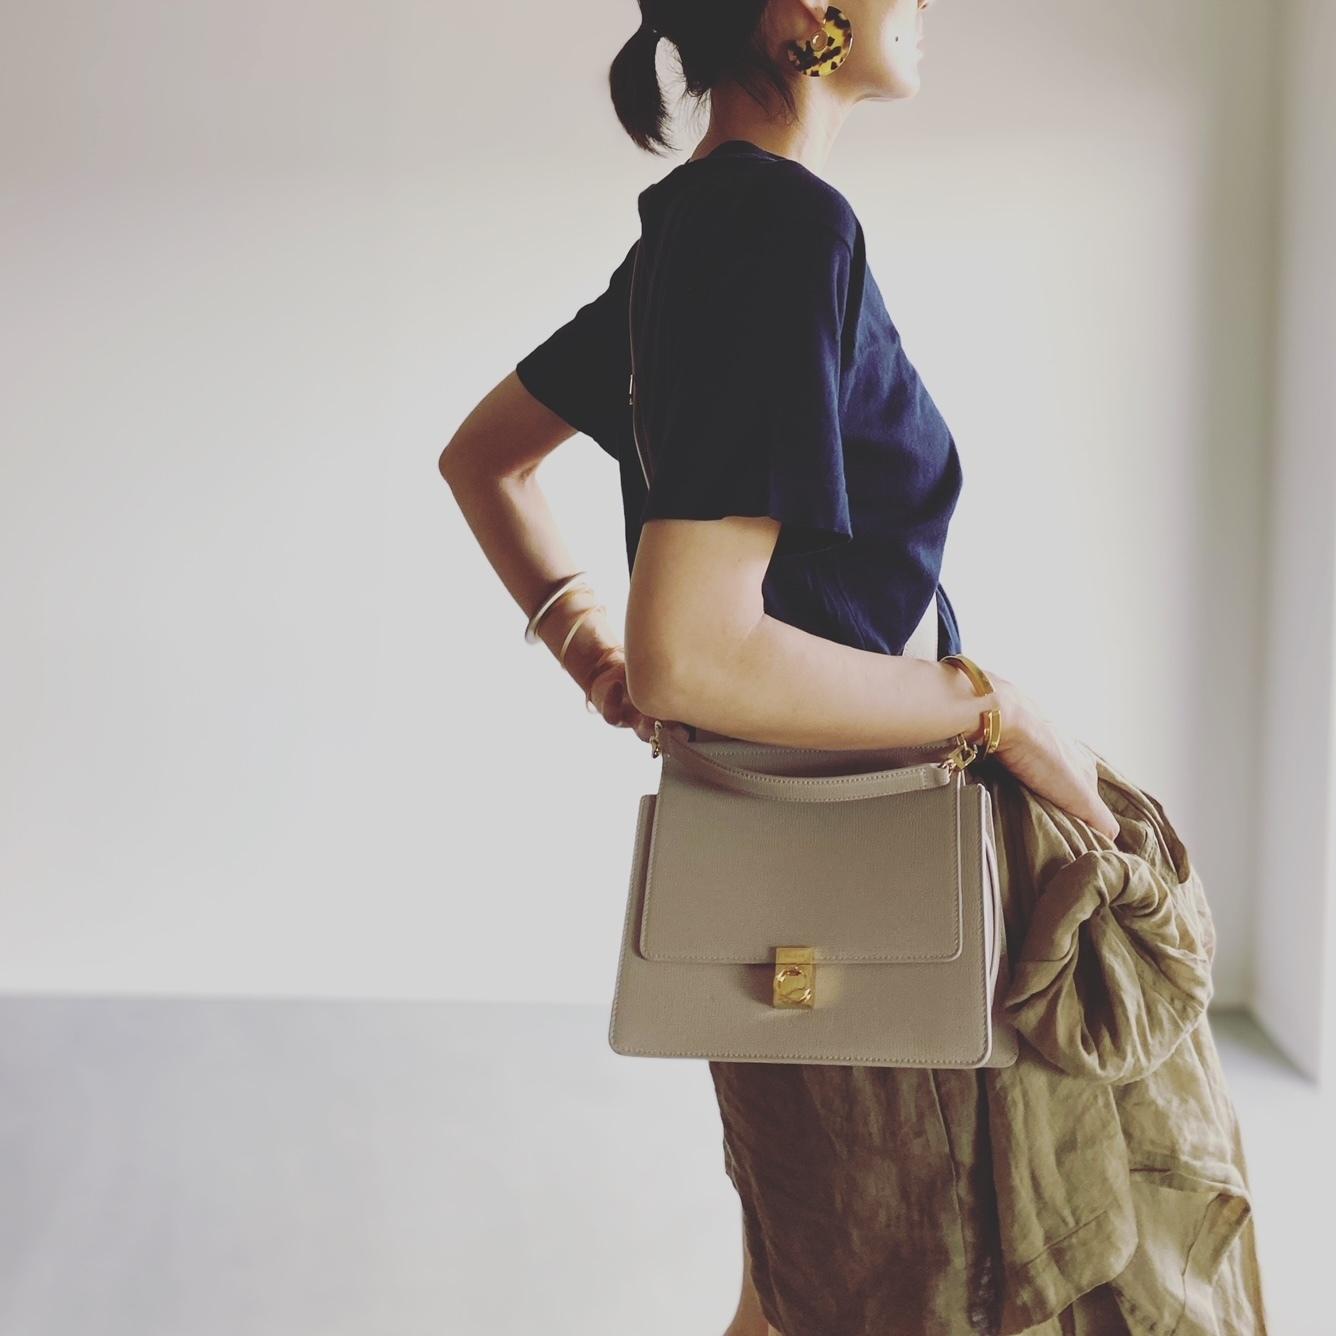 秋の気配を感じるオールブラックコーデからアラフォーのための細見え服まで【ファッション人気記事ランキングトップ10】_1_7